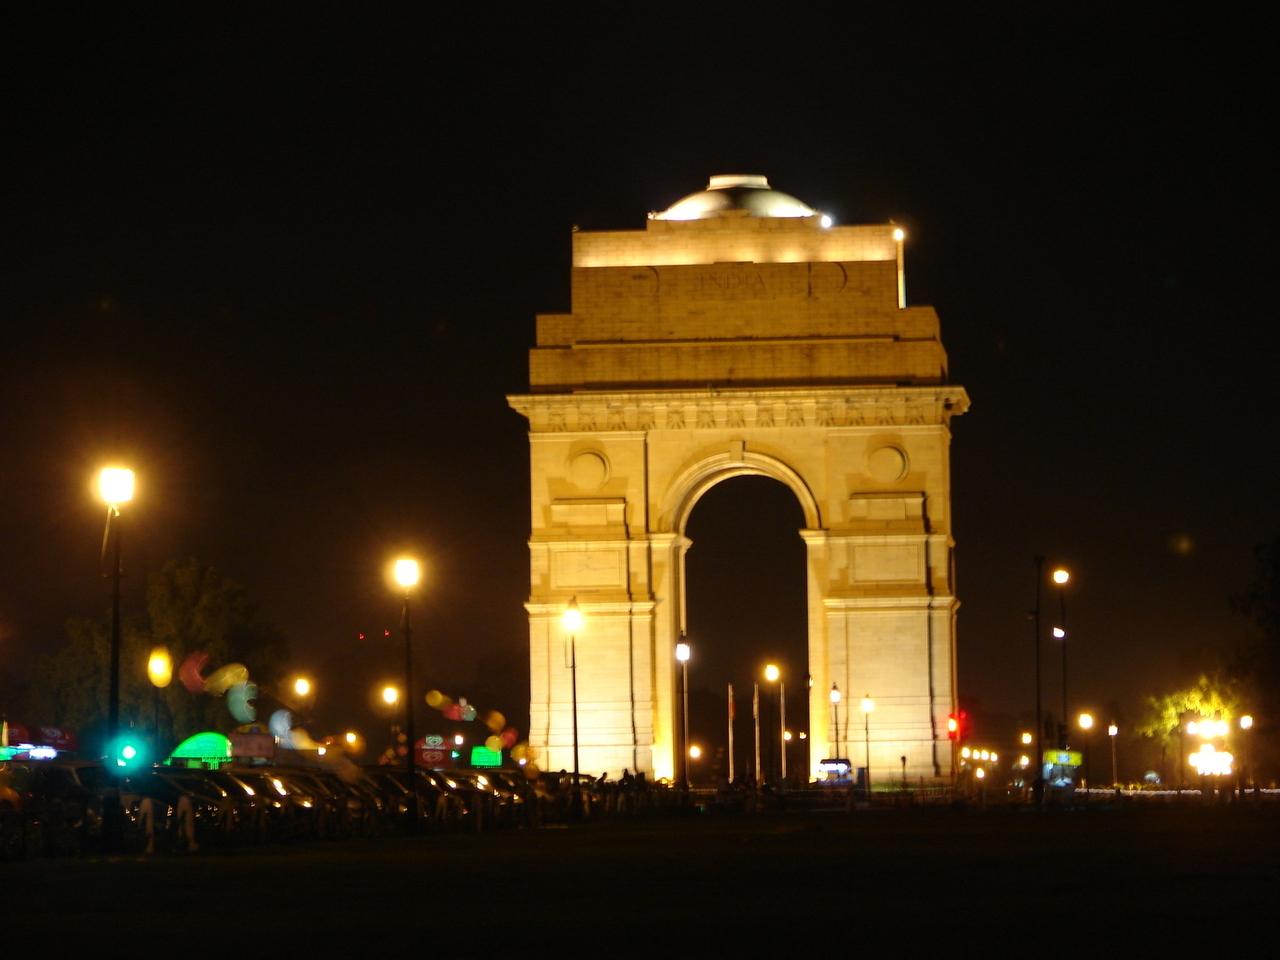 india-gate-1189612-1280x960